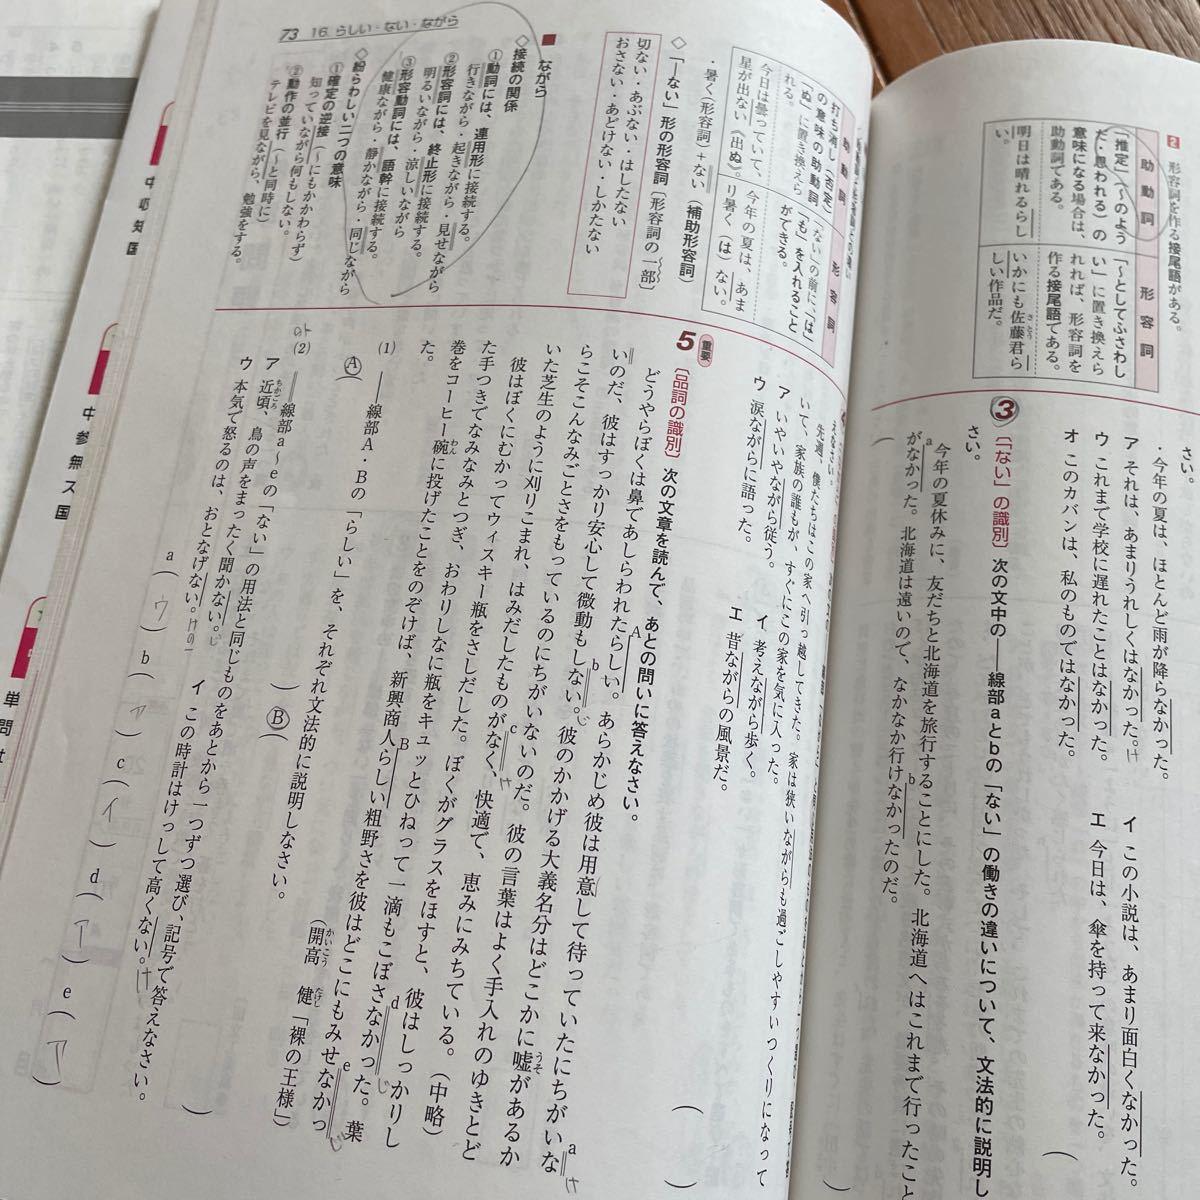 中学国文法3ステップ式標準問題集/中学教育研究会 文法 高校受験 定期テスト 中学